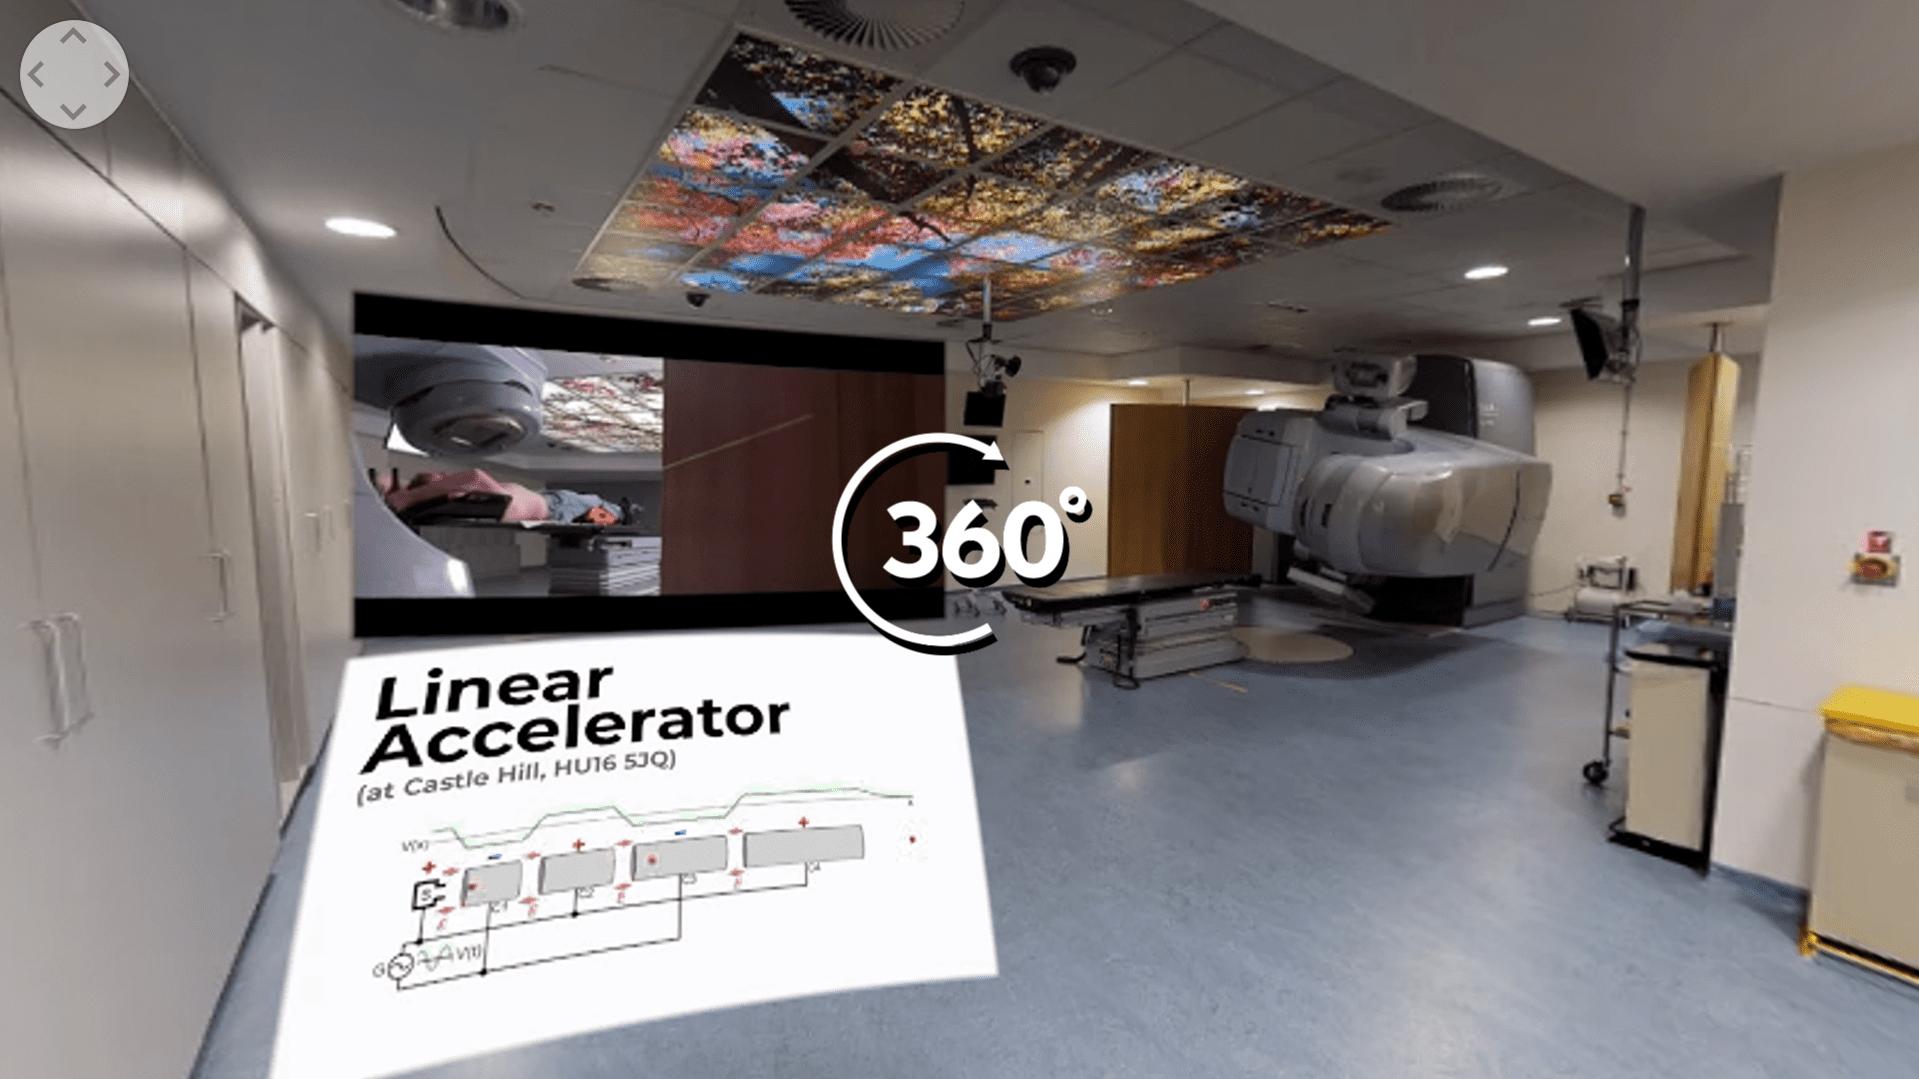 3D Tour Interactive Video